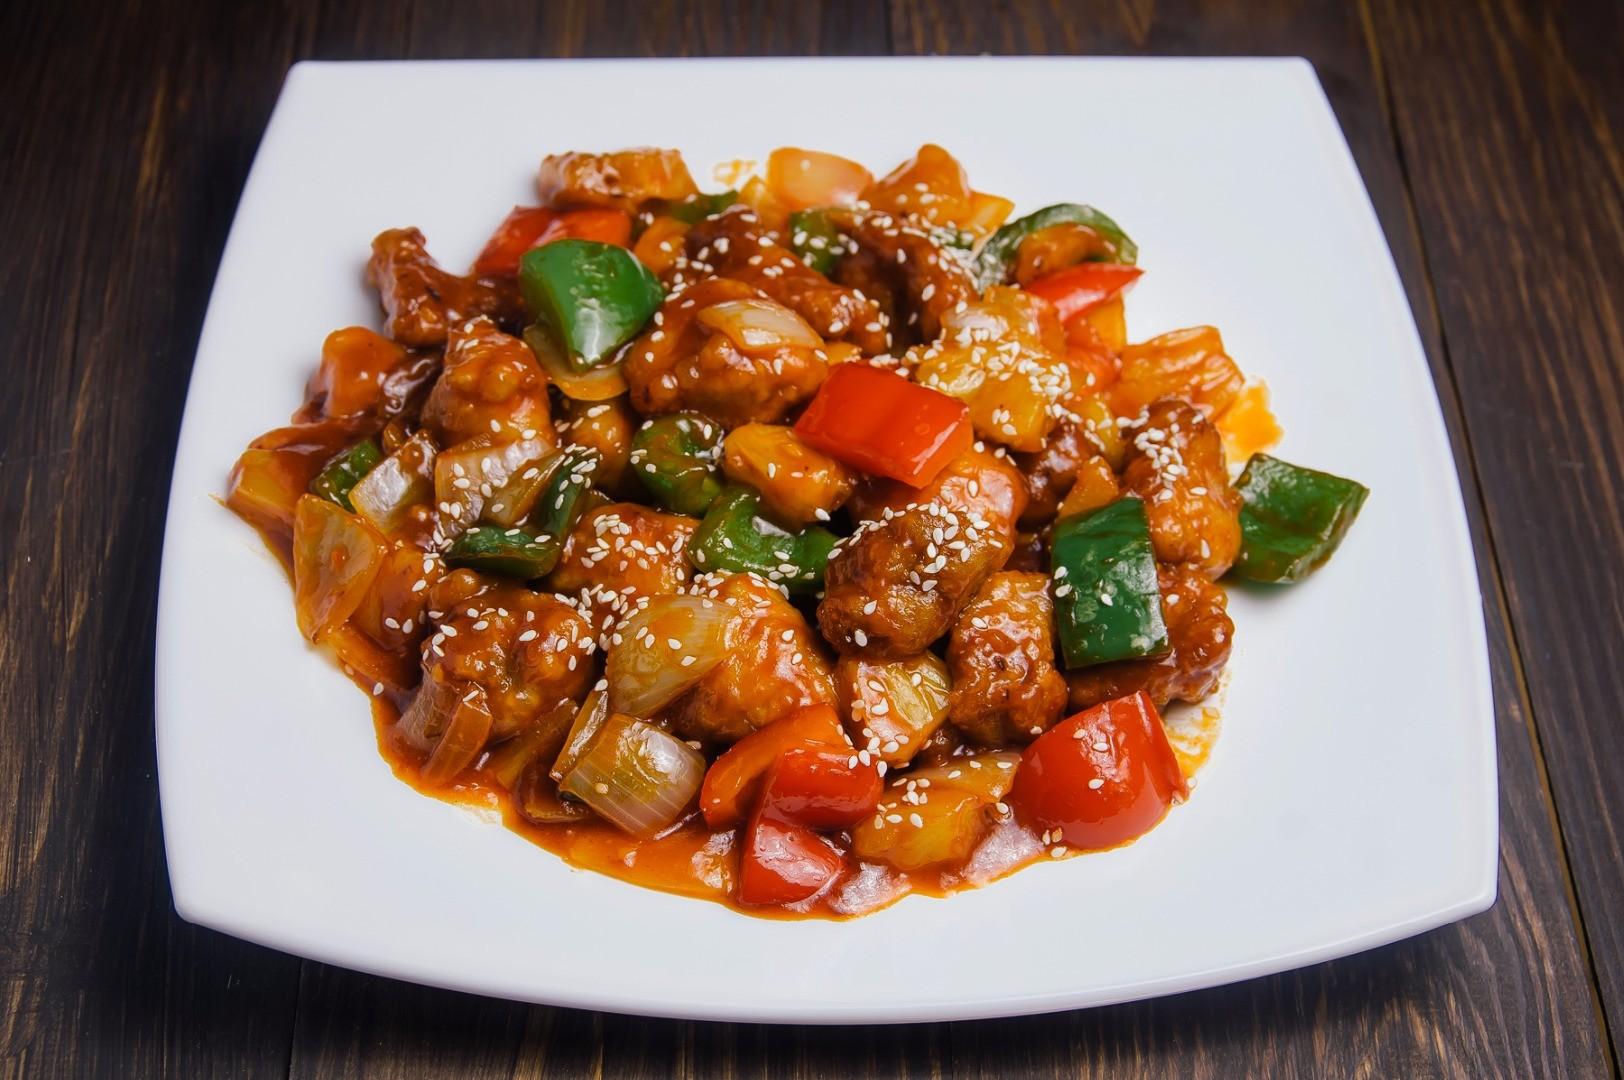 кубаро по китайски рецепт с фото пошагово